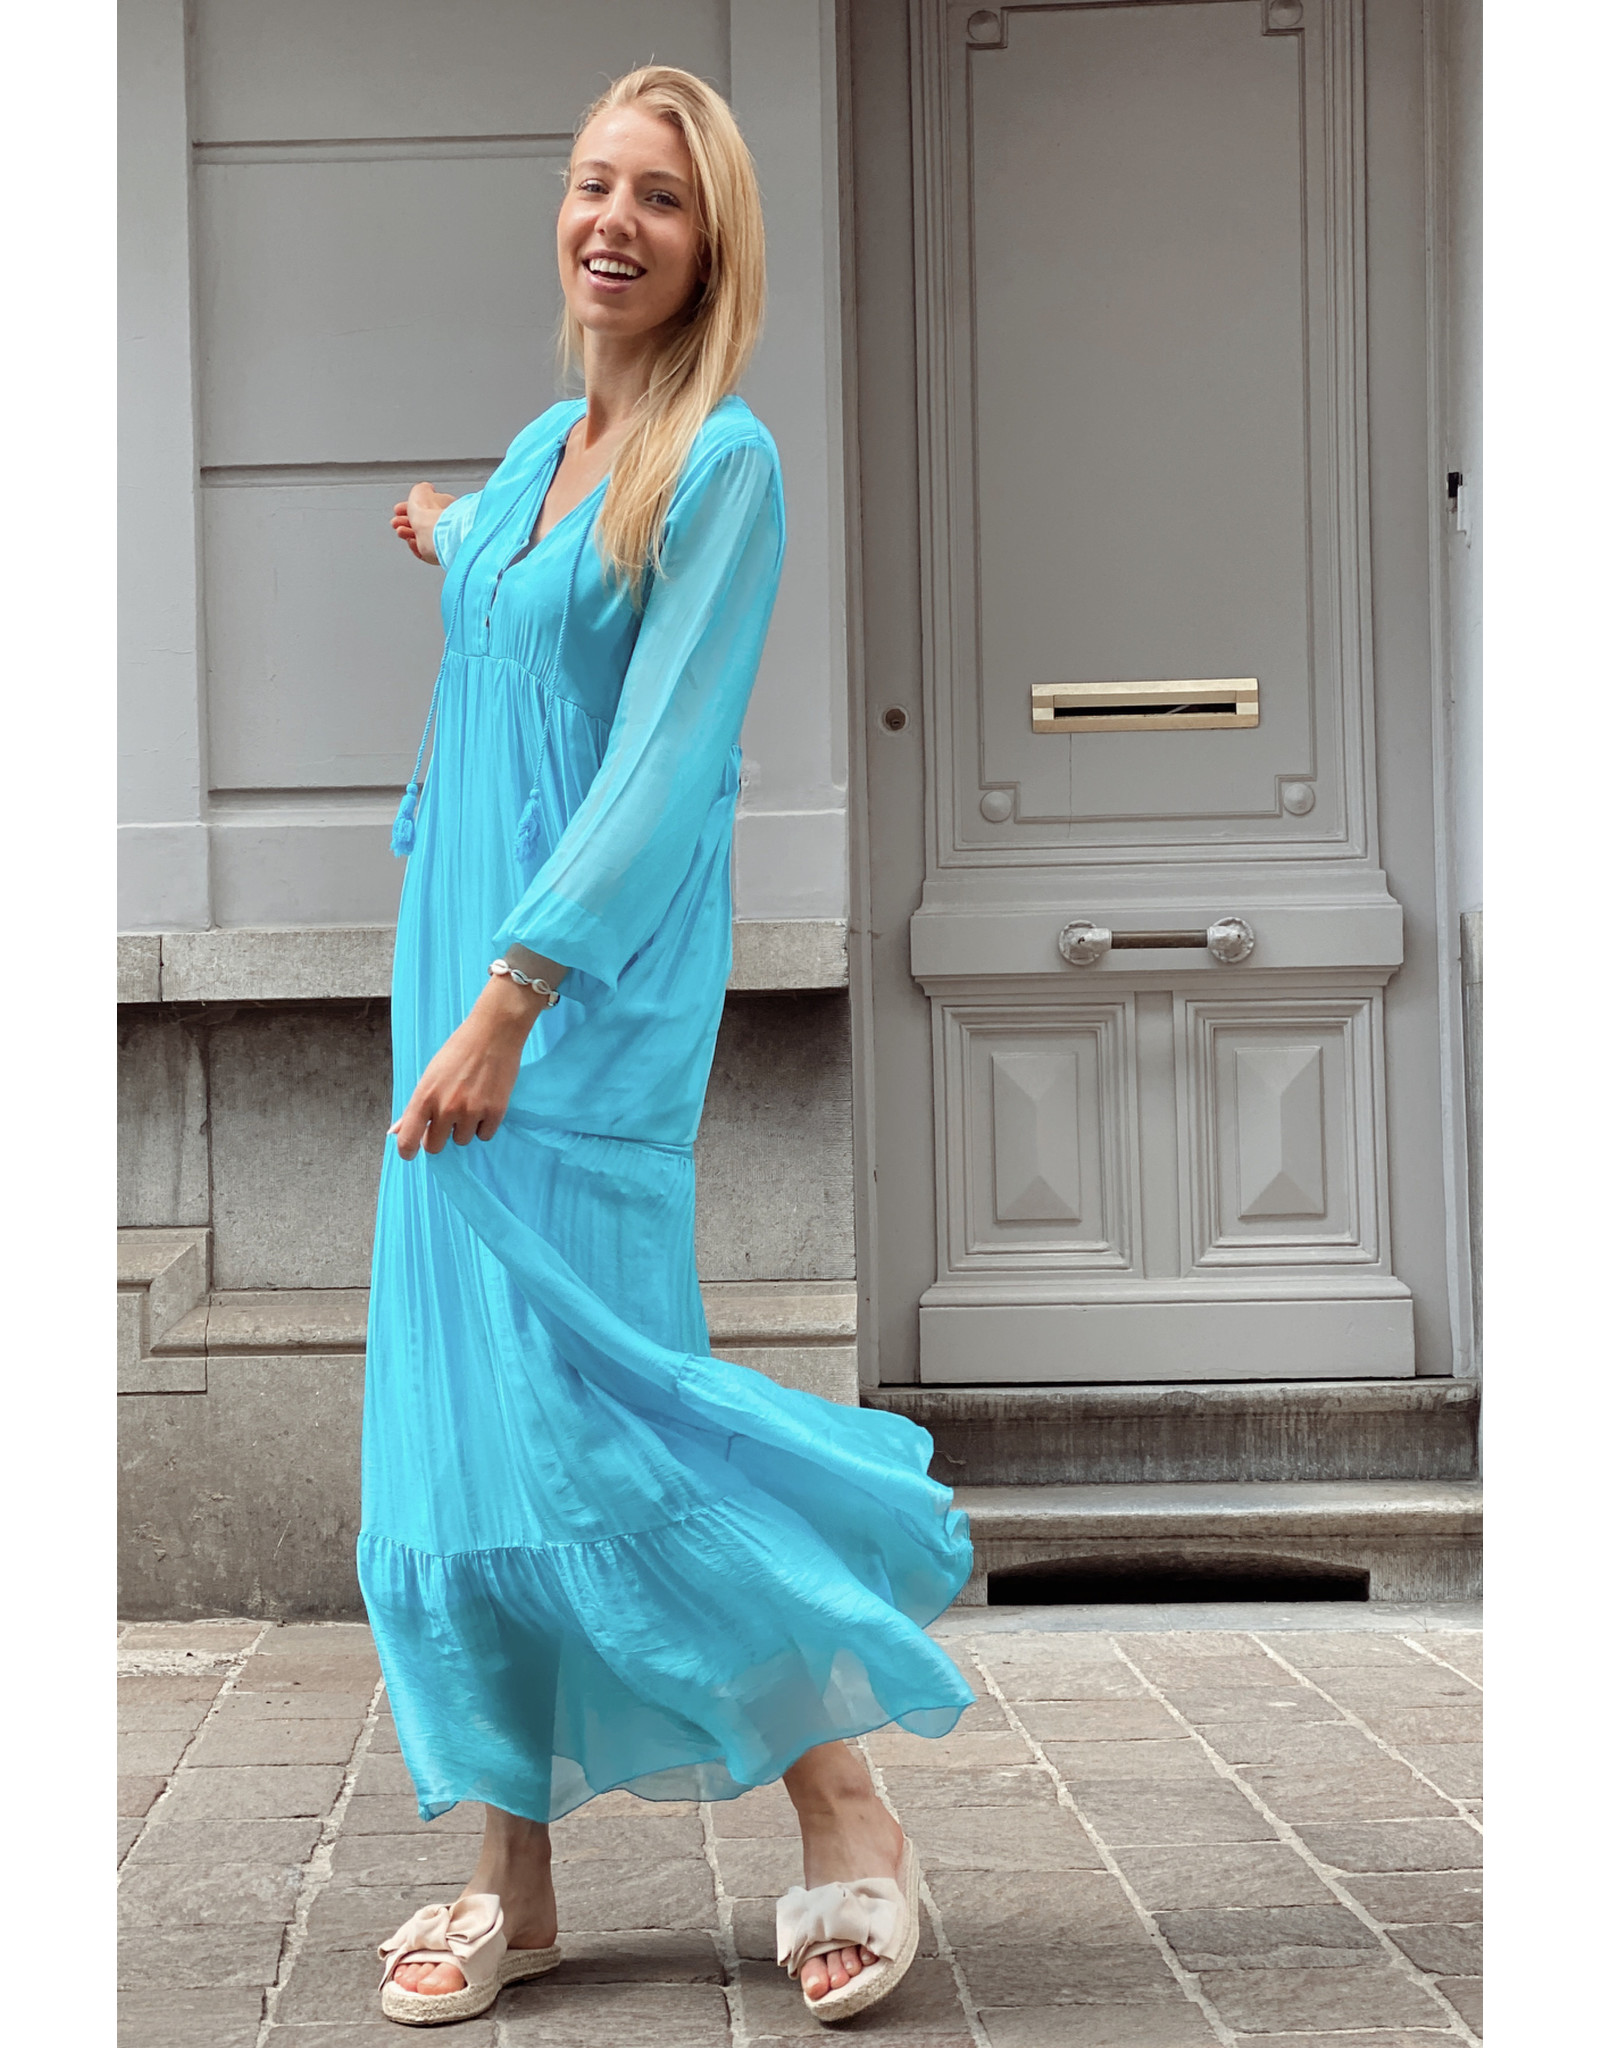 Pompom Blue dress